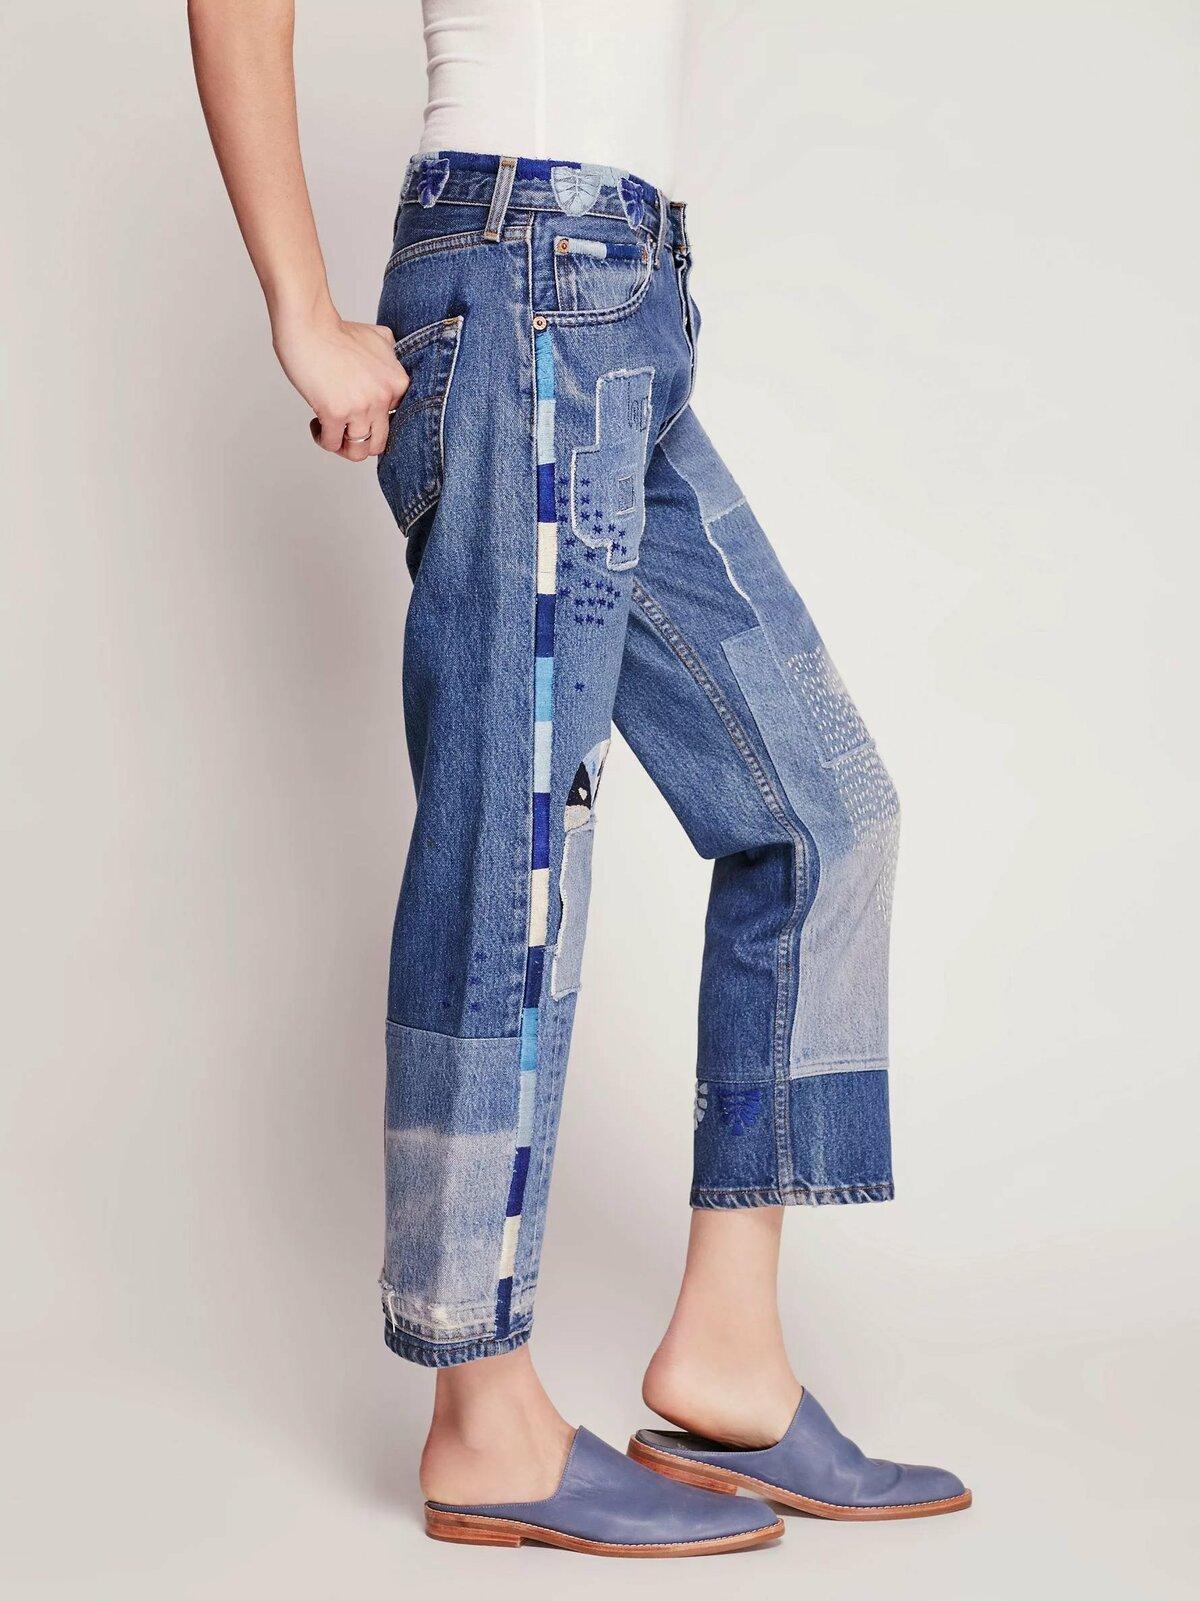 простейшего индикаторного модные джинсы из старых джинсов фото фотографией